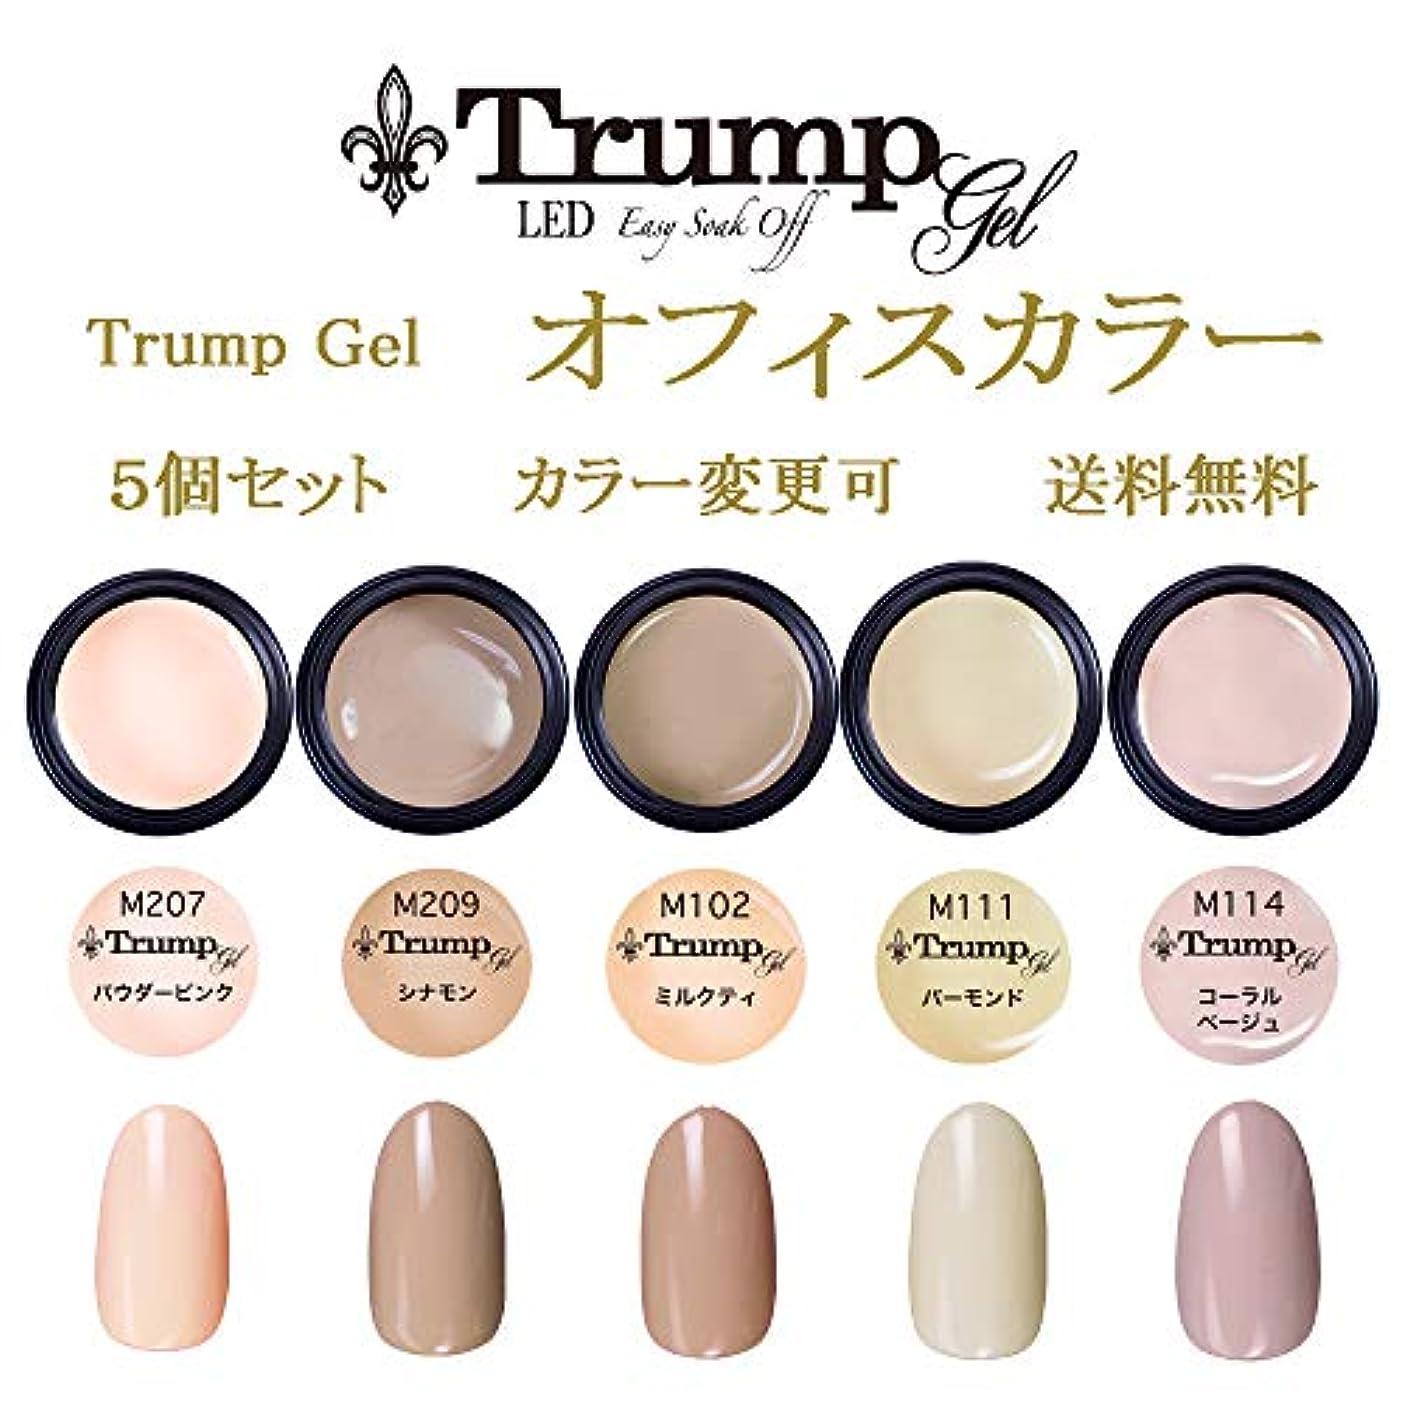 サリーバナナカテゴリー日本製 Trump gel トランプジェル オフィスカラー 選べる カラージェル 5個セット ベージュ ブラウン ピンク ホワイト ビジネス カジュアル オフィス